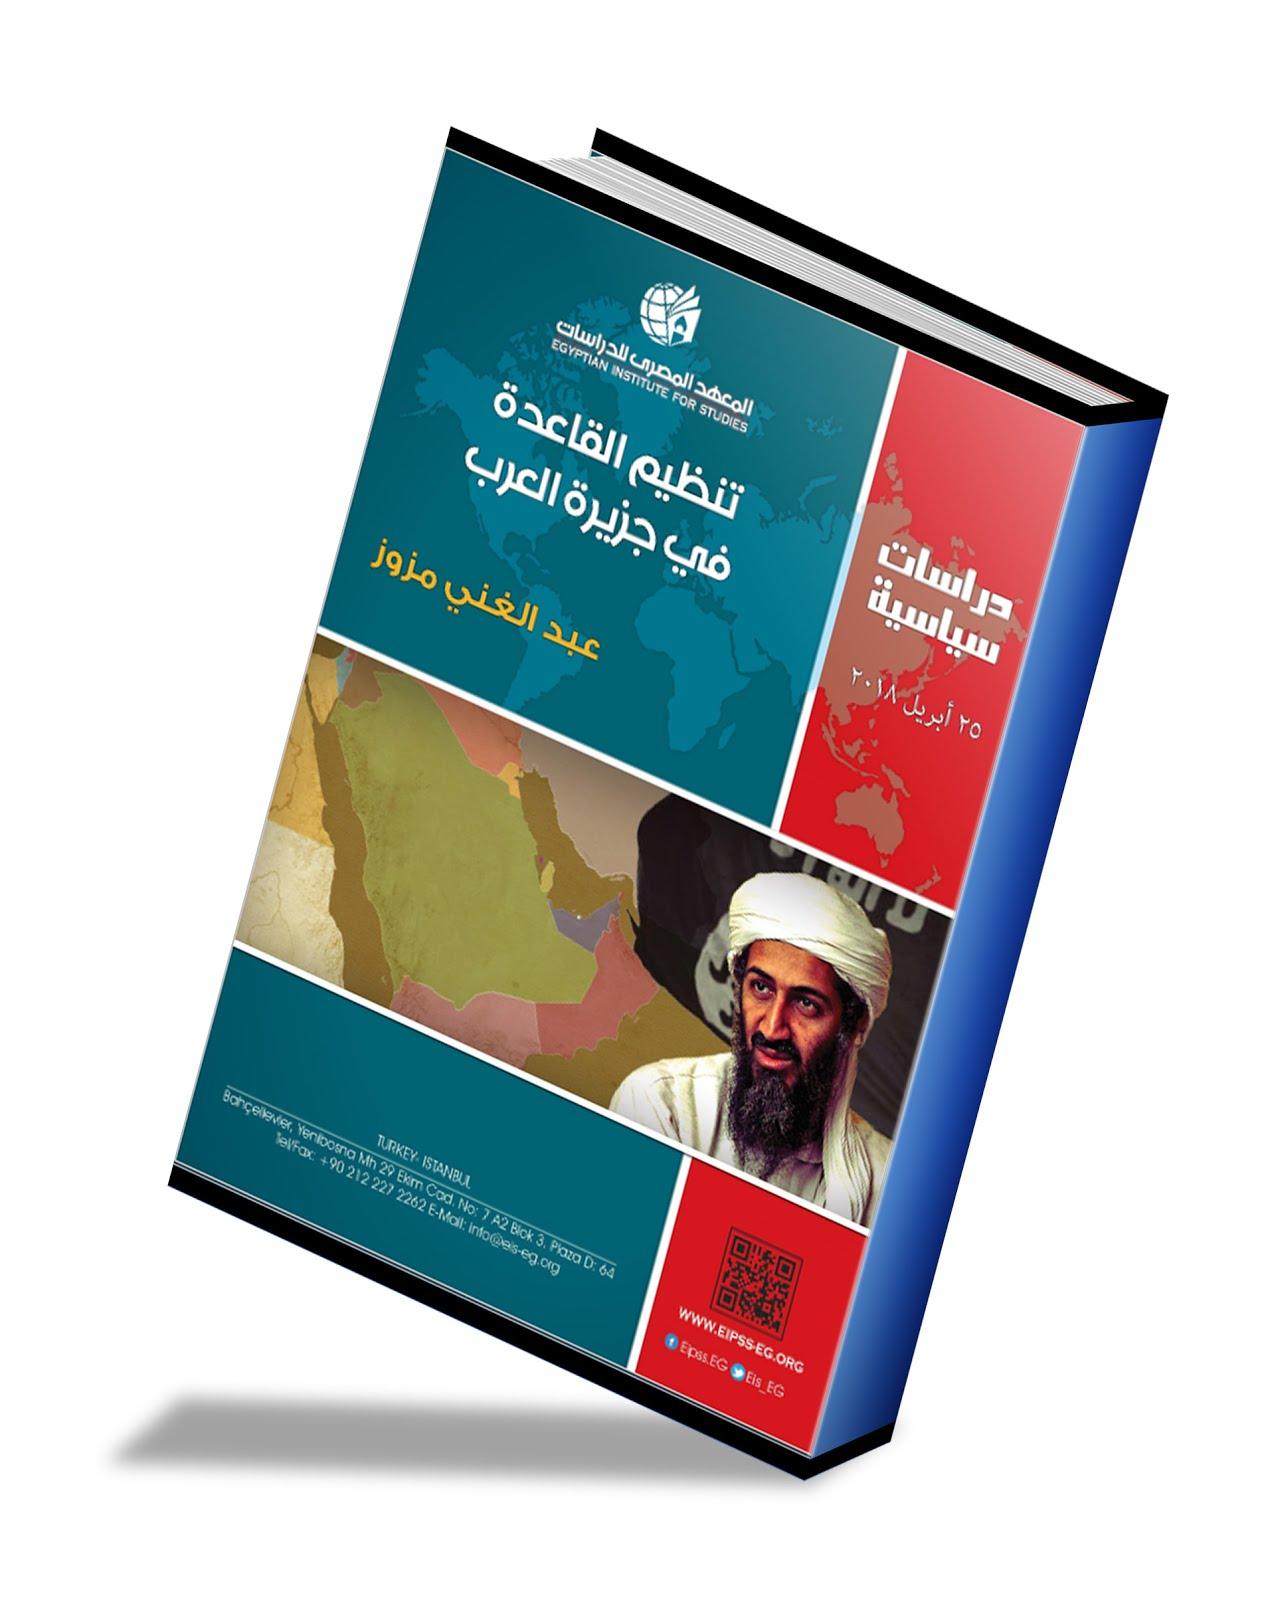 دراسة حول تنظيم القاعدة في جزيرة العرب